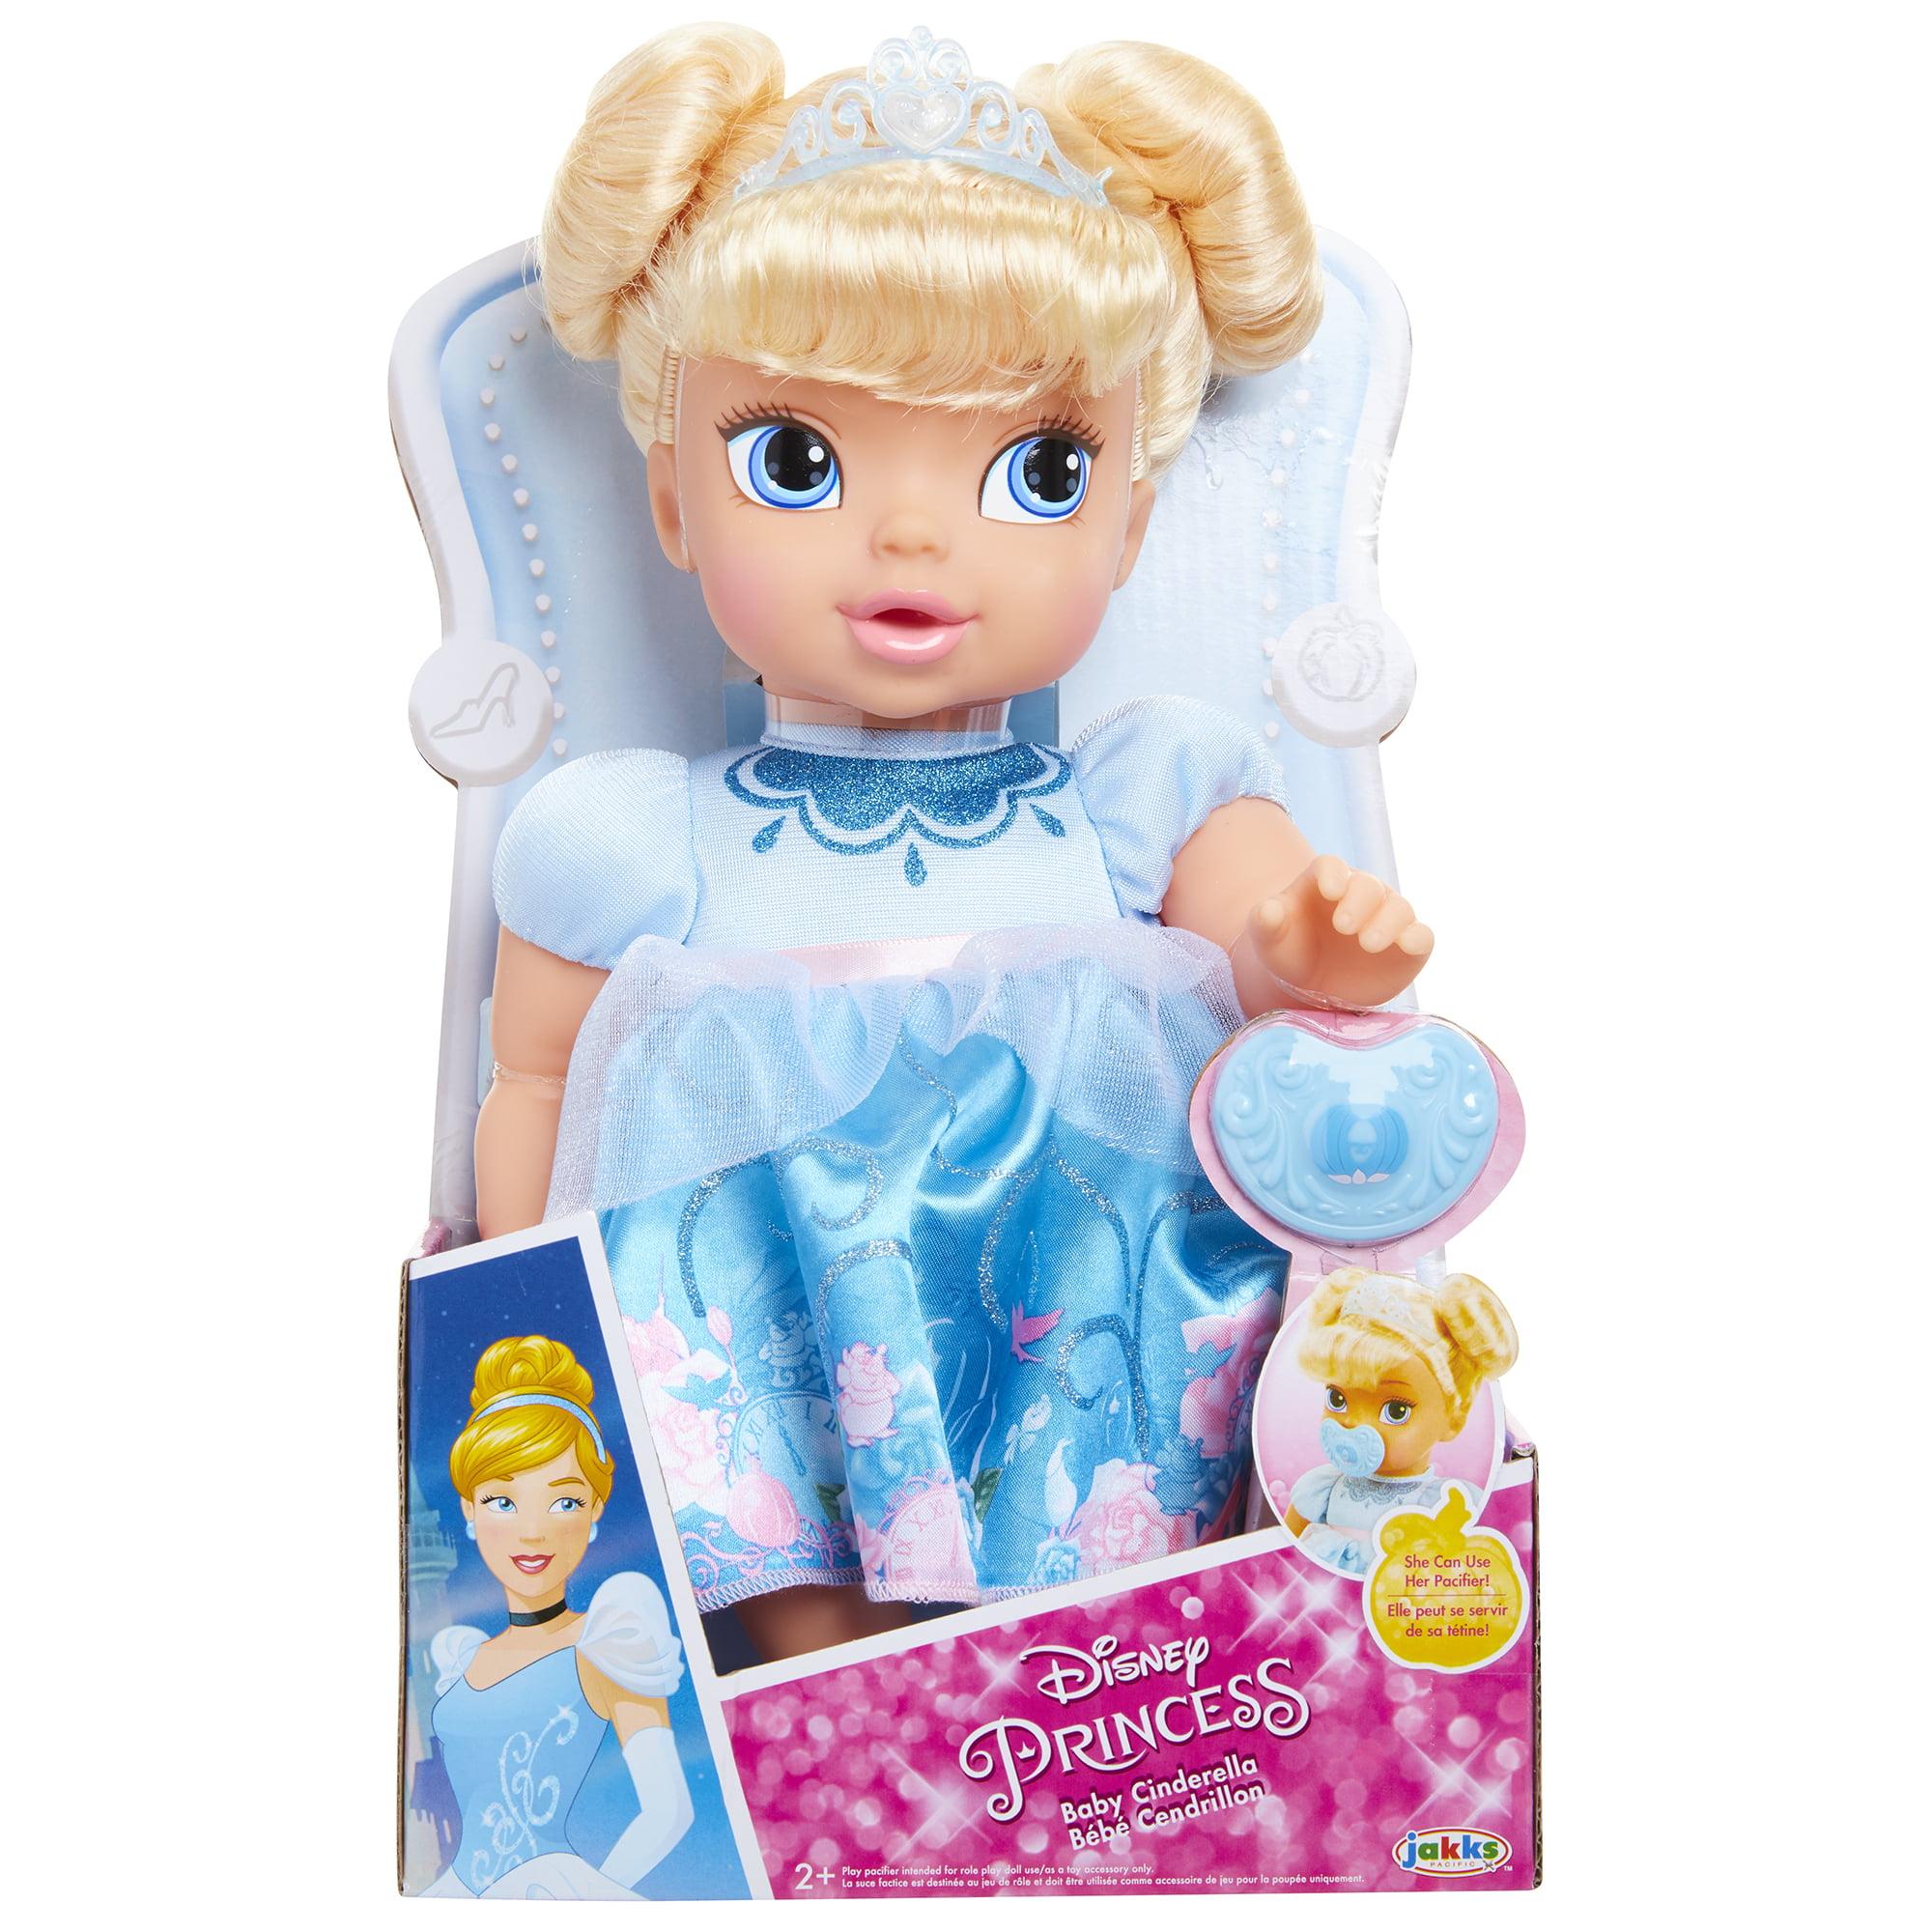 Disney Princess Deluxe Baby Cinderella